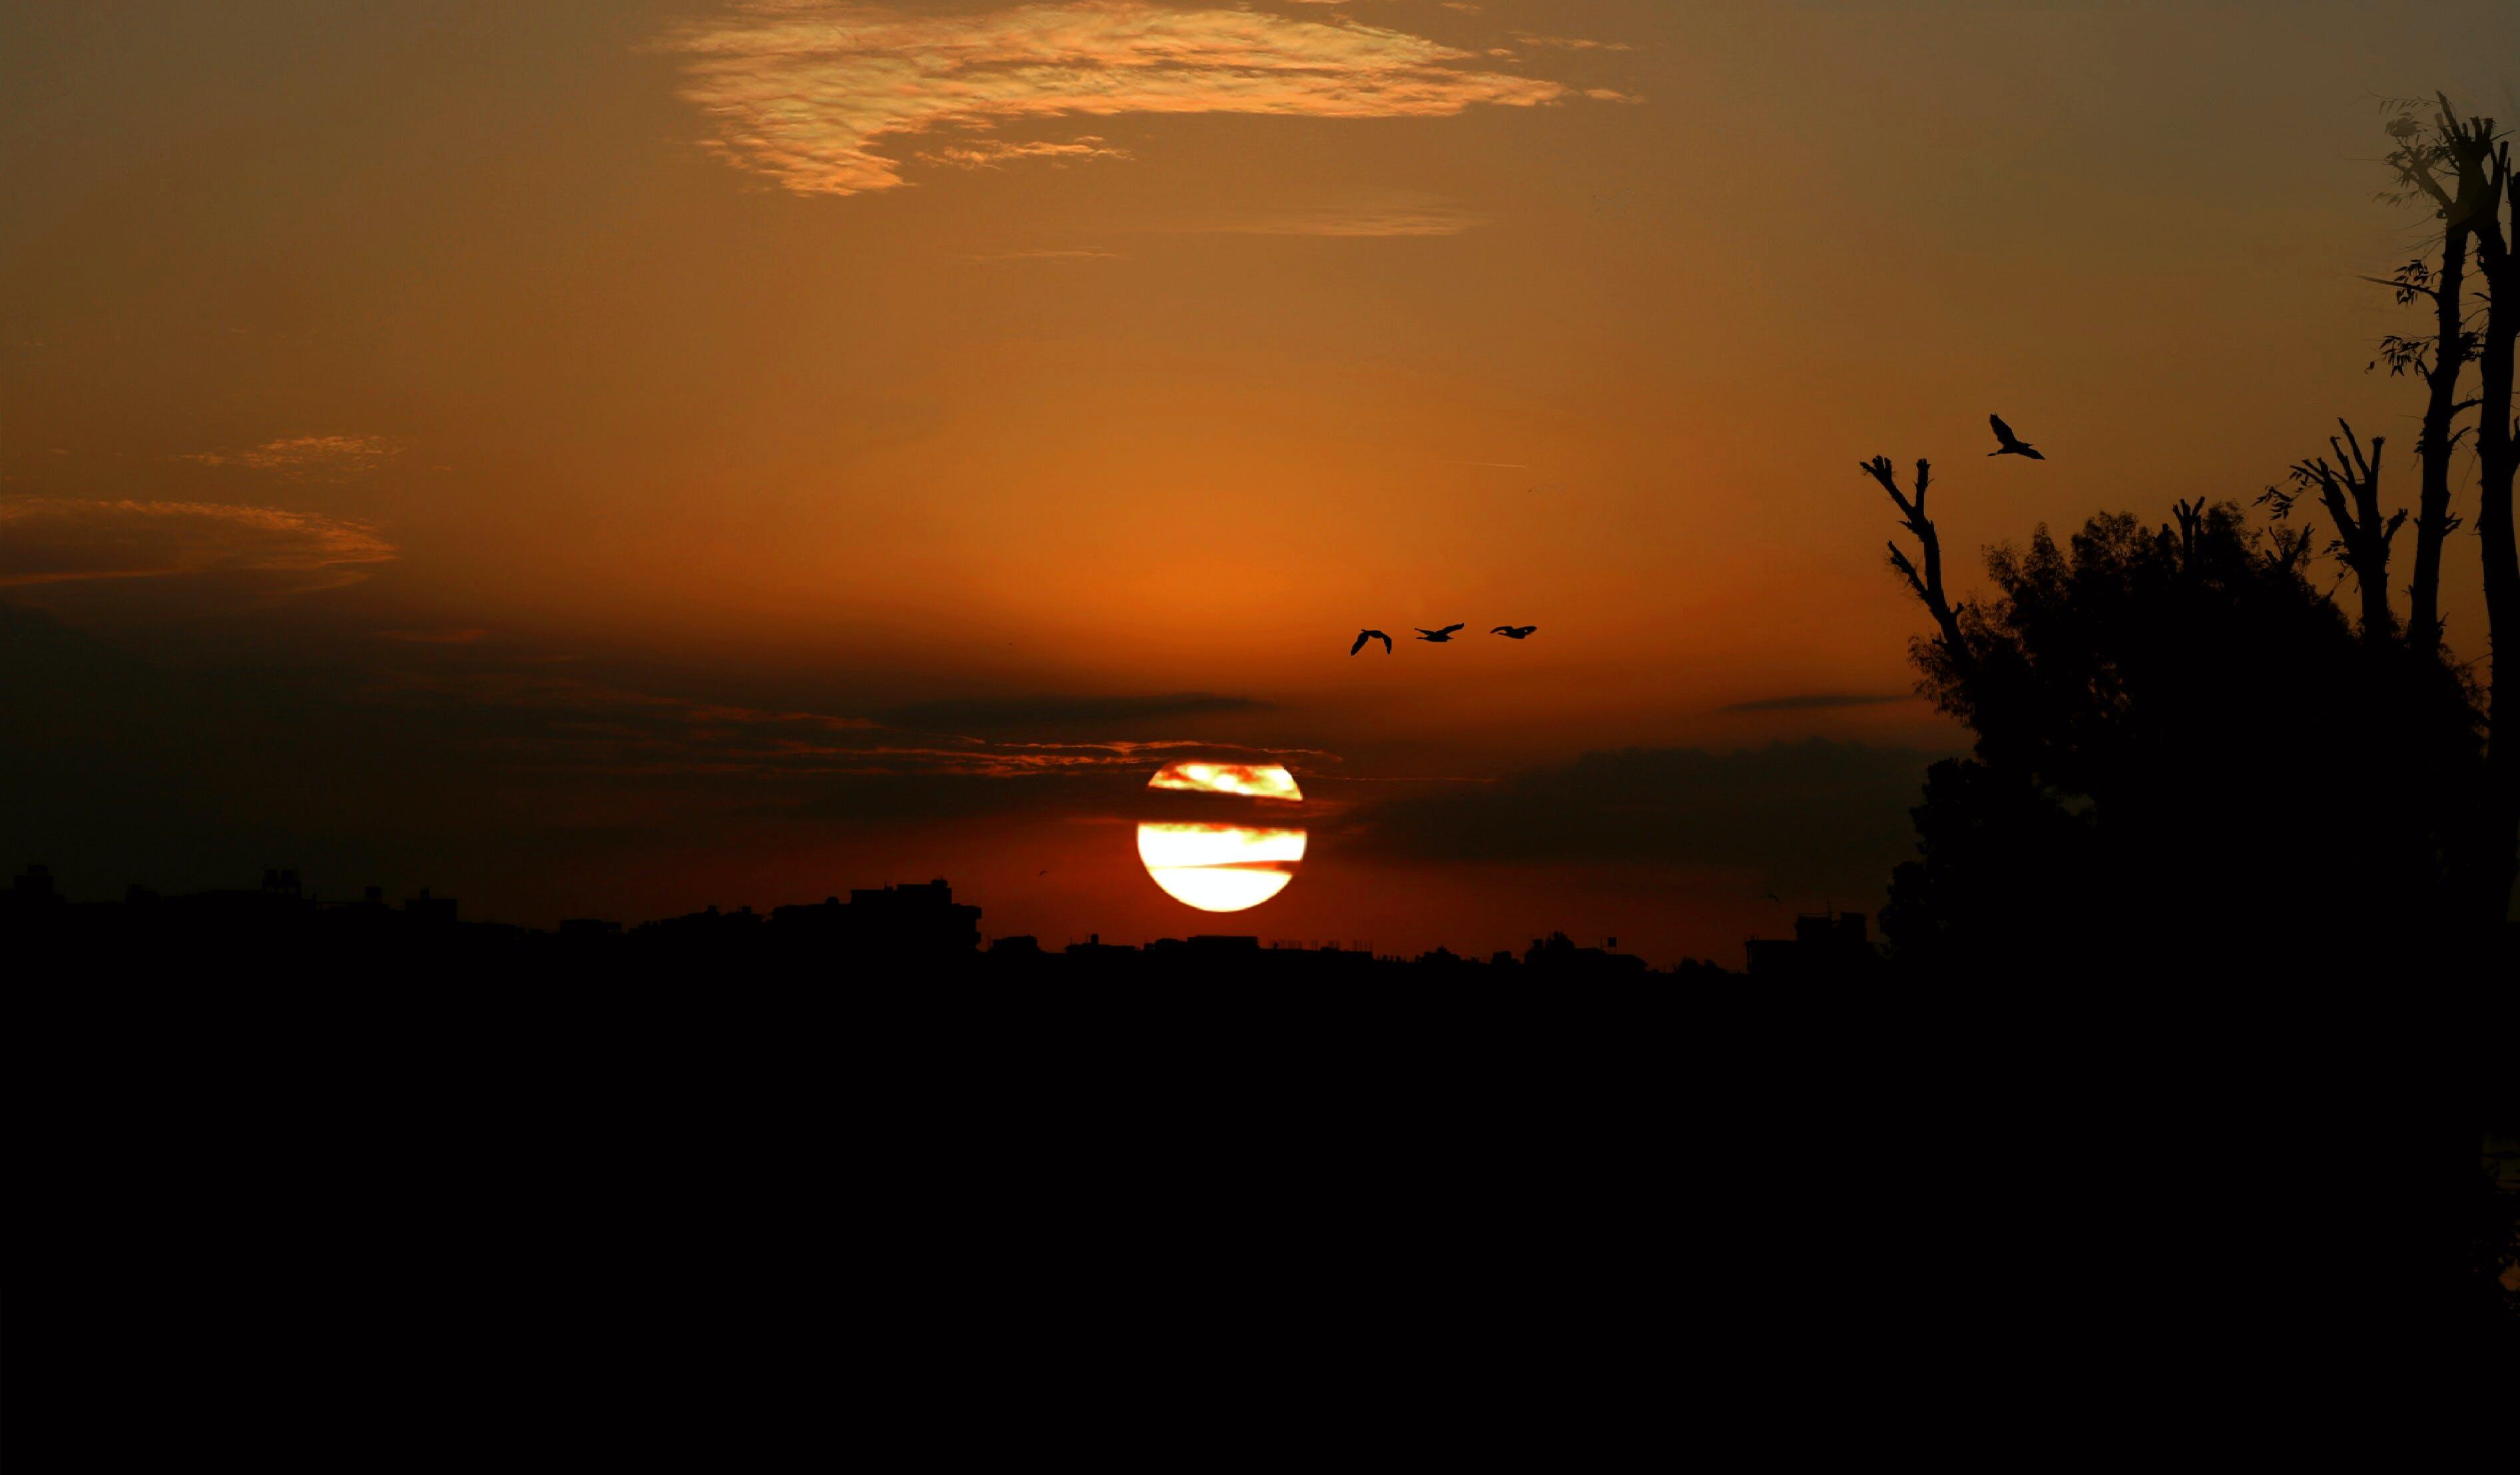 天性, 天空, 太陽, 日出 的 免費圖庫相片